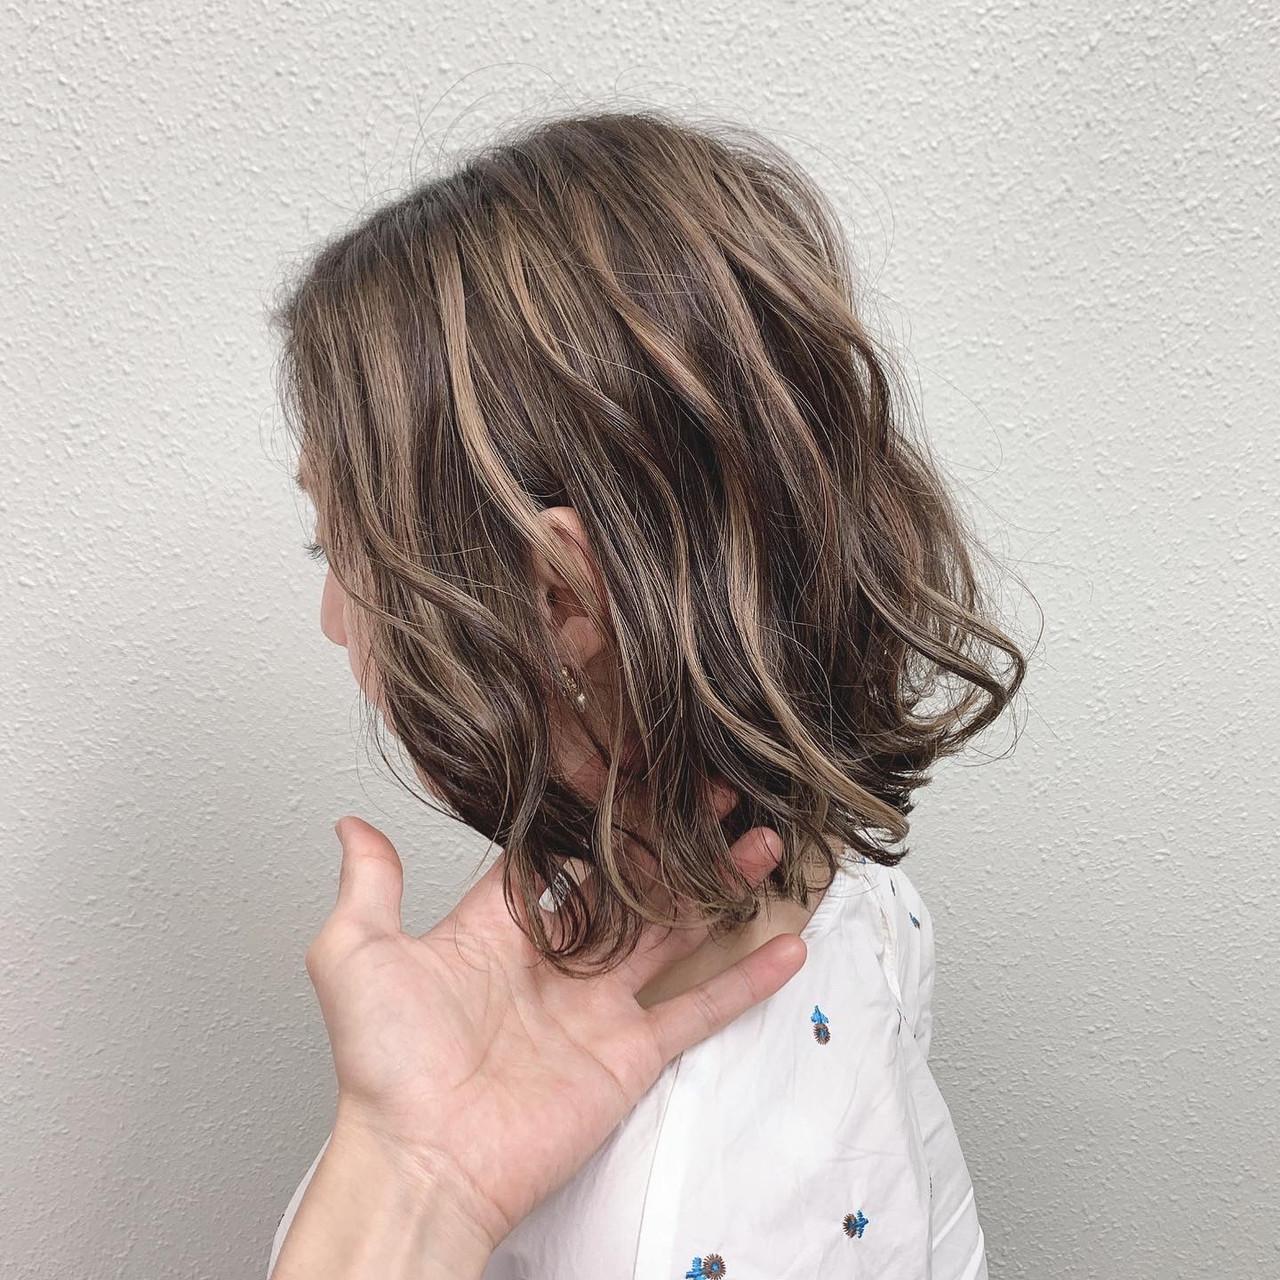 ミルクティー エレガント ハイライト グレージュ ヘアスタイルや髪型の写真・画像